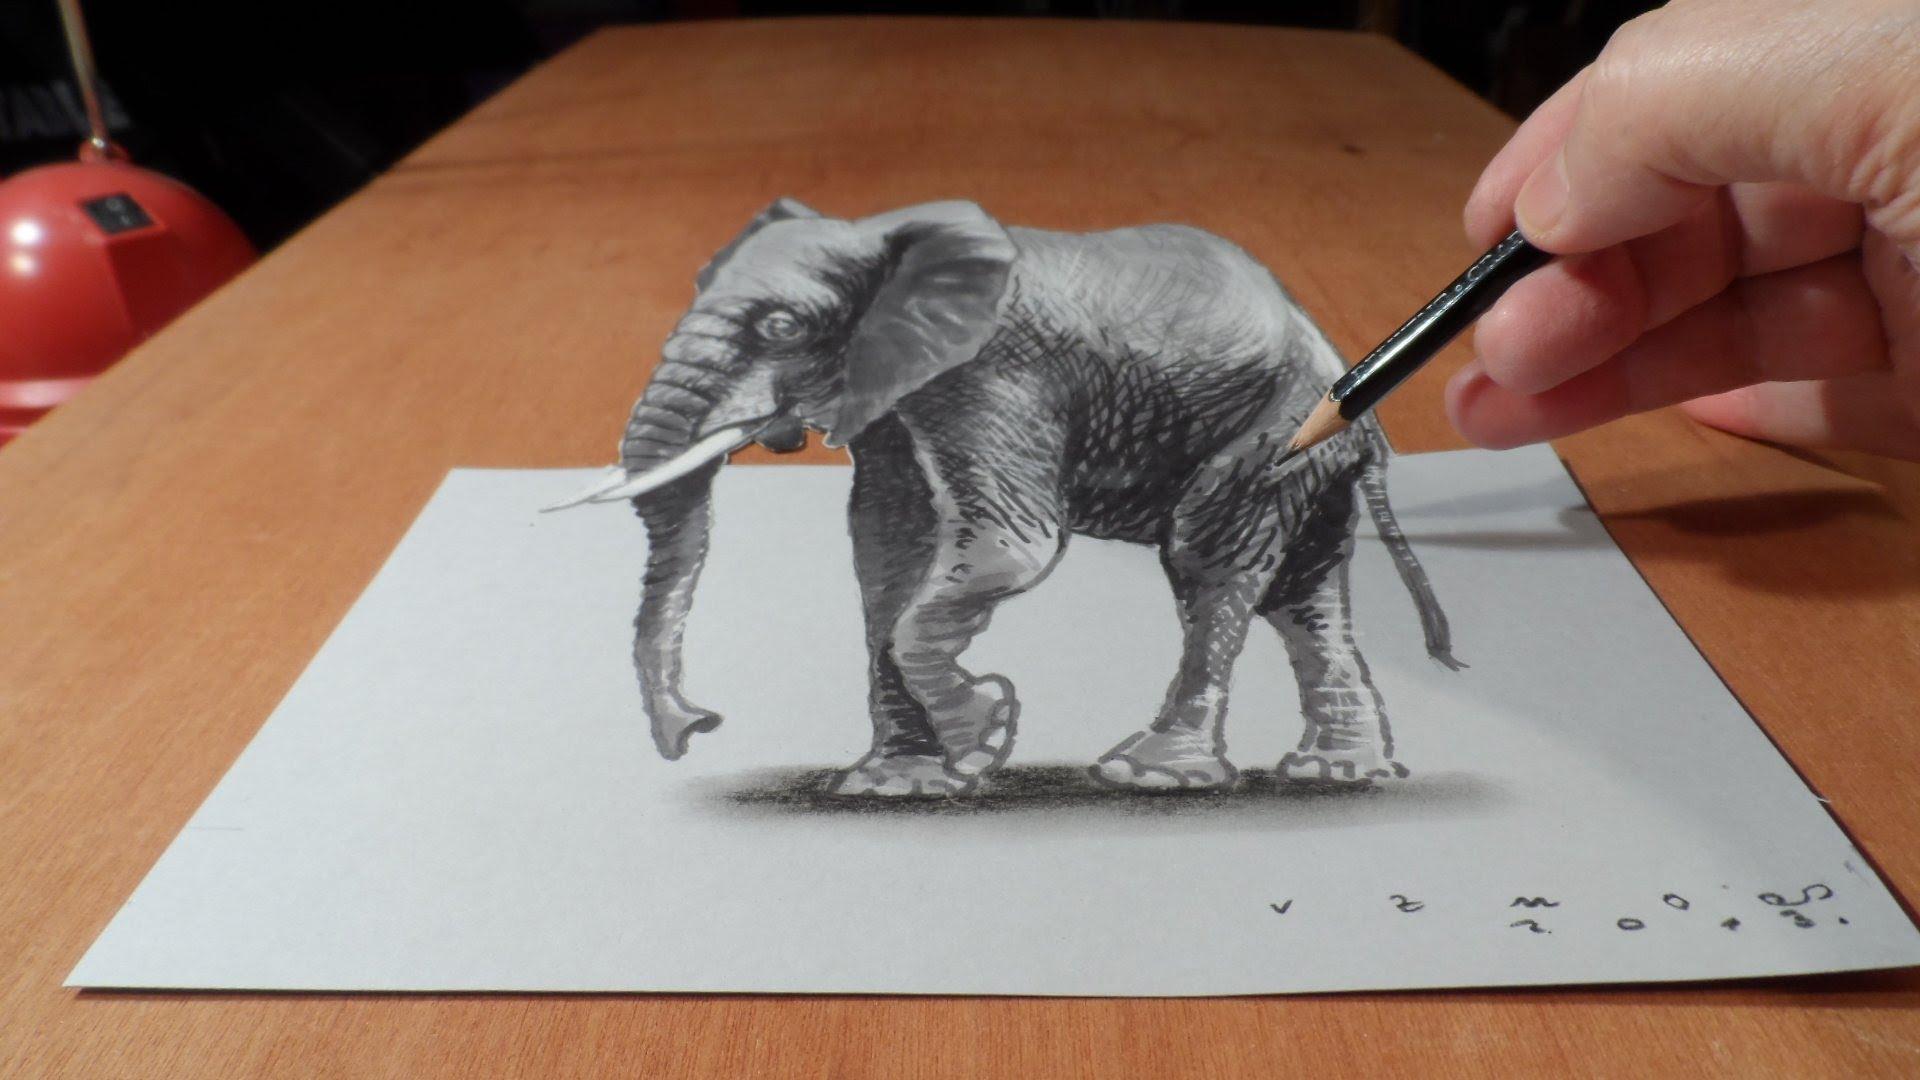 1920x1080 3d Pencil Sketch Animals Drawing 3d Elephant